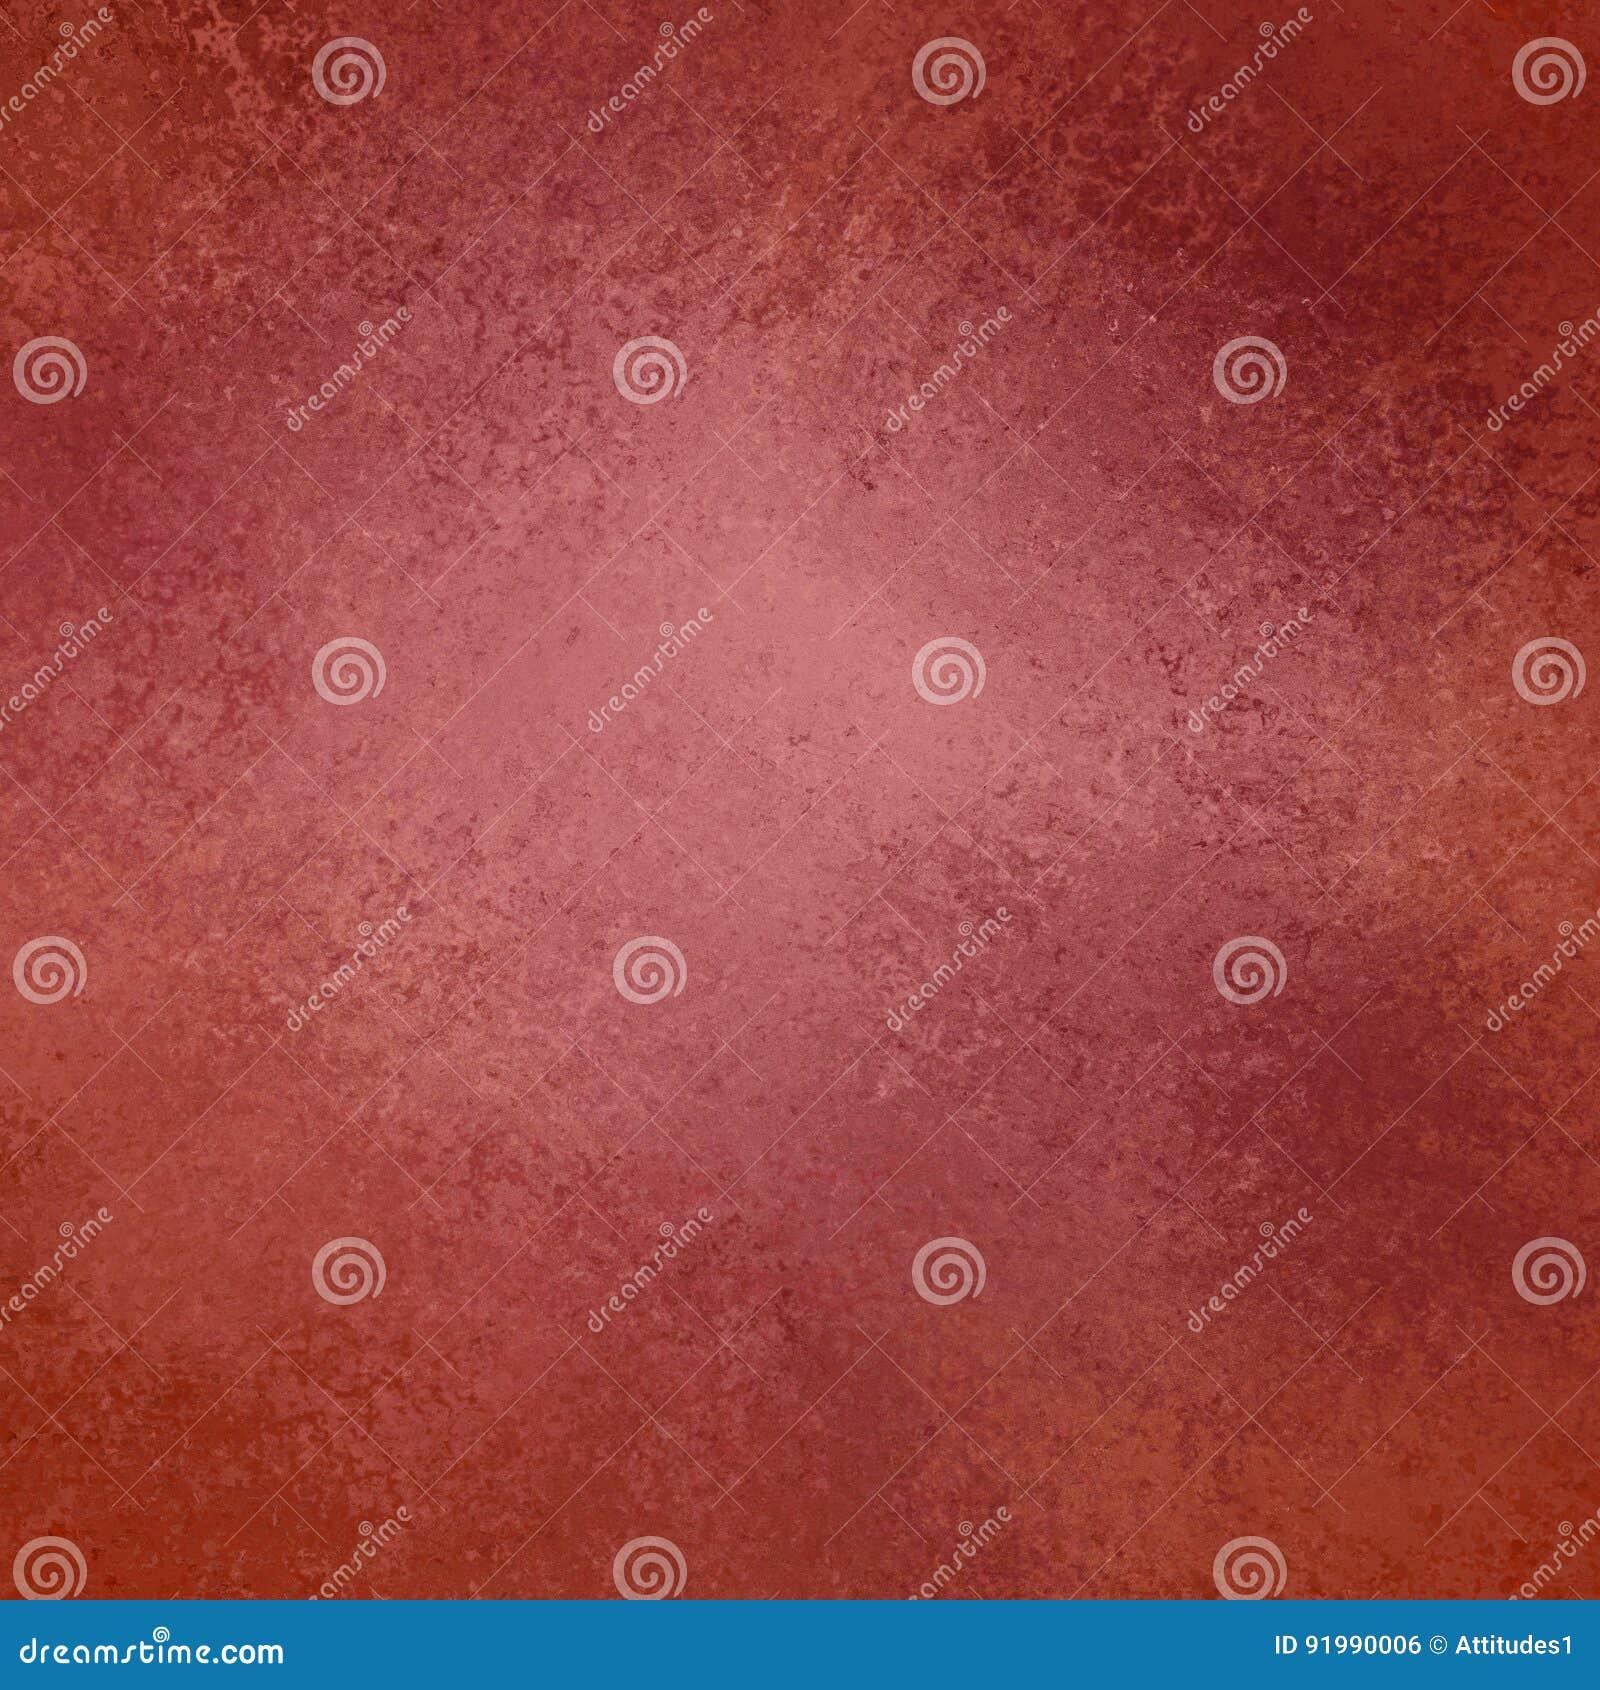 Κόκκινο και ρόδινο υπόβαθρο με τα εκλεκτής ποιότητας σύνορα σύστασης grunge και το μαλακό ελαφρύ κέντρο